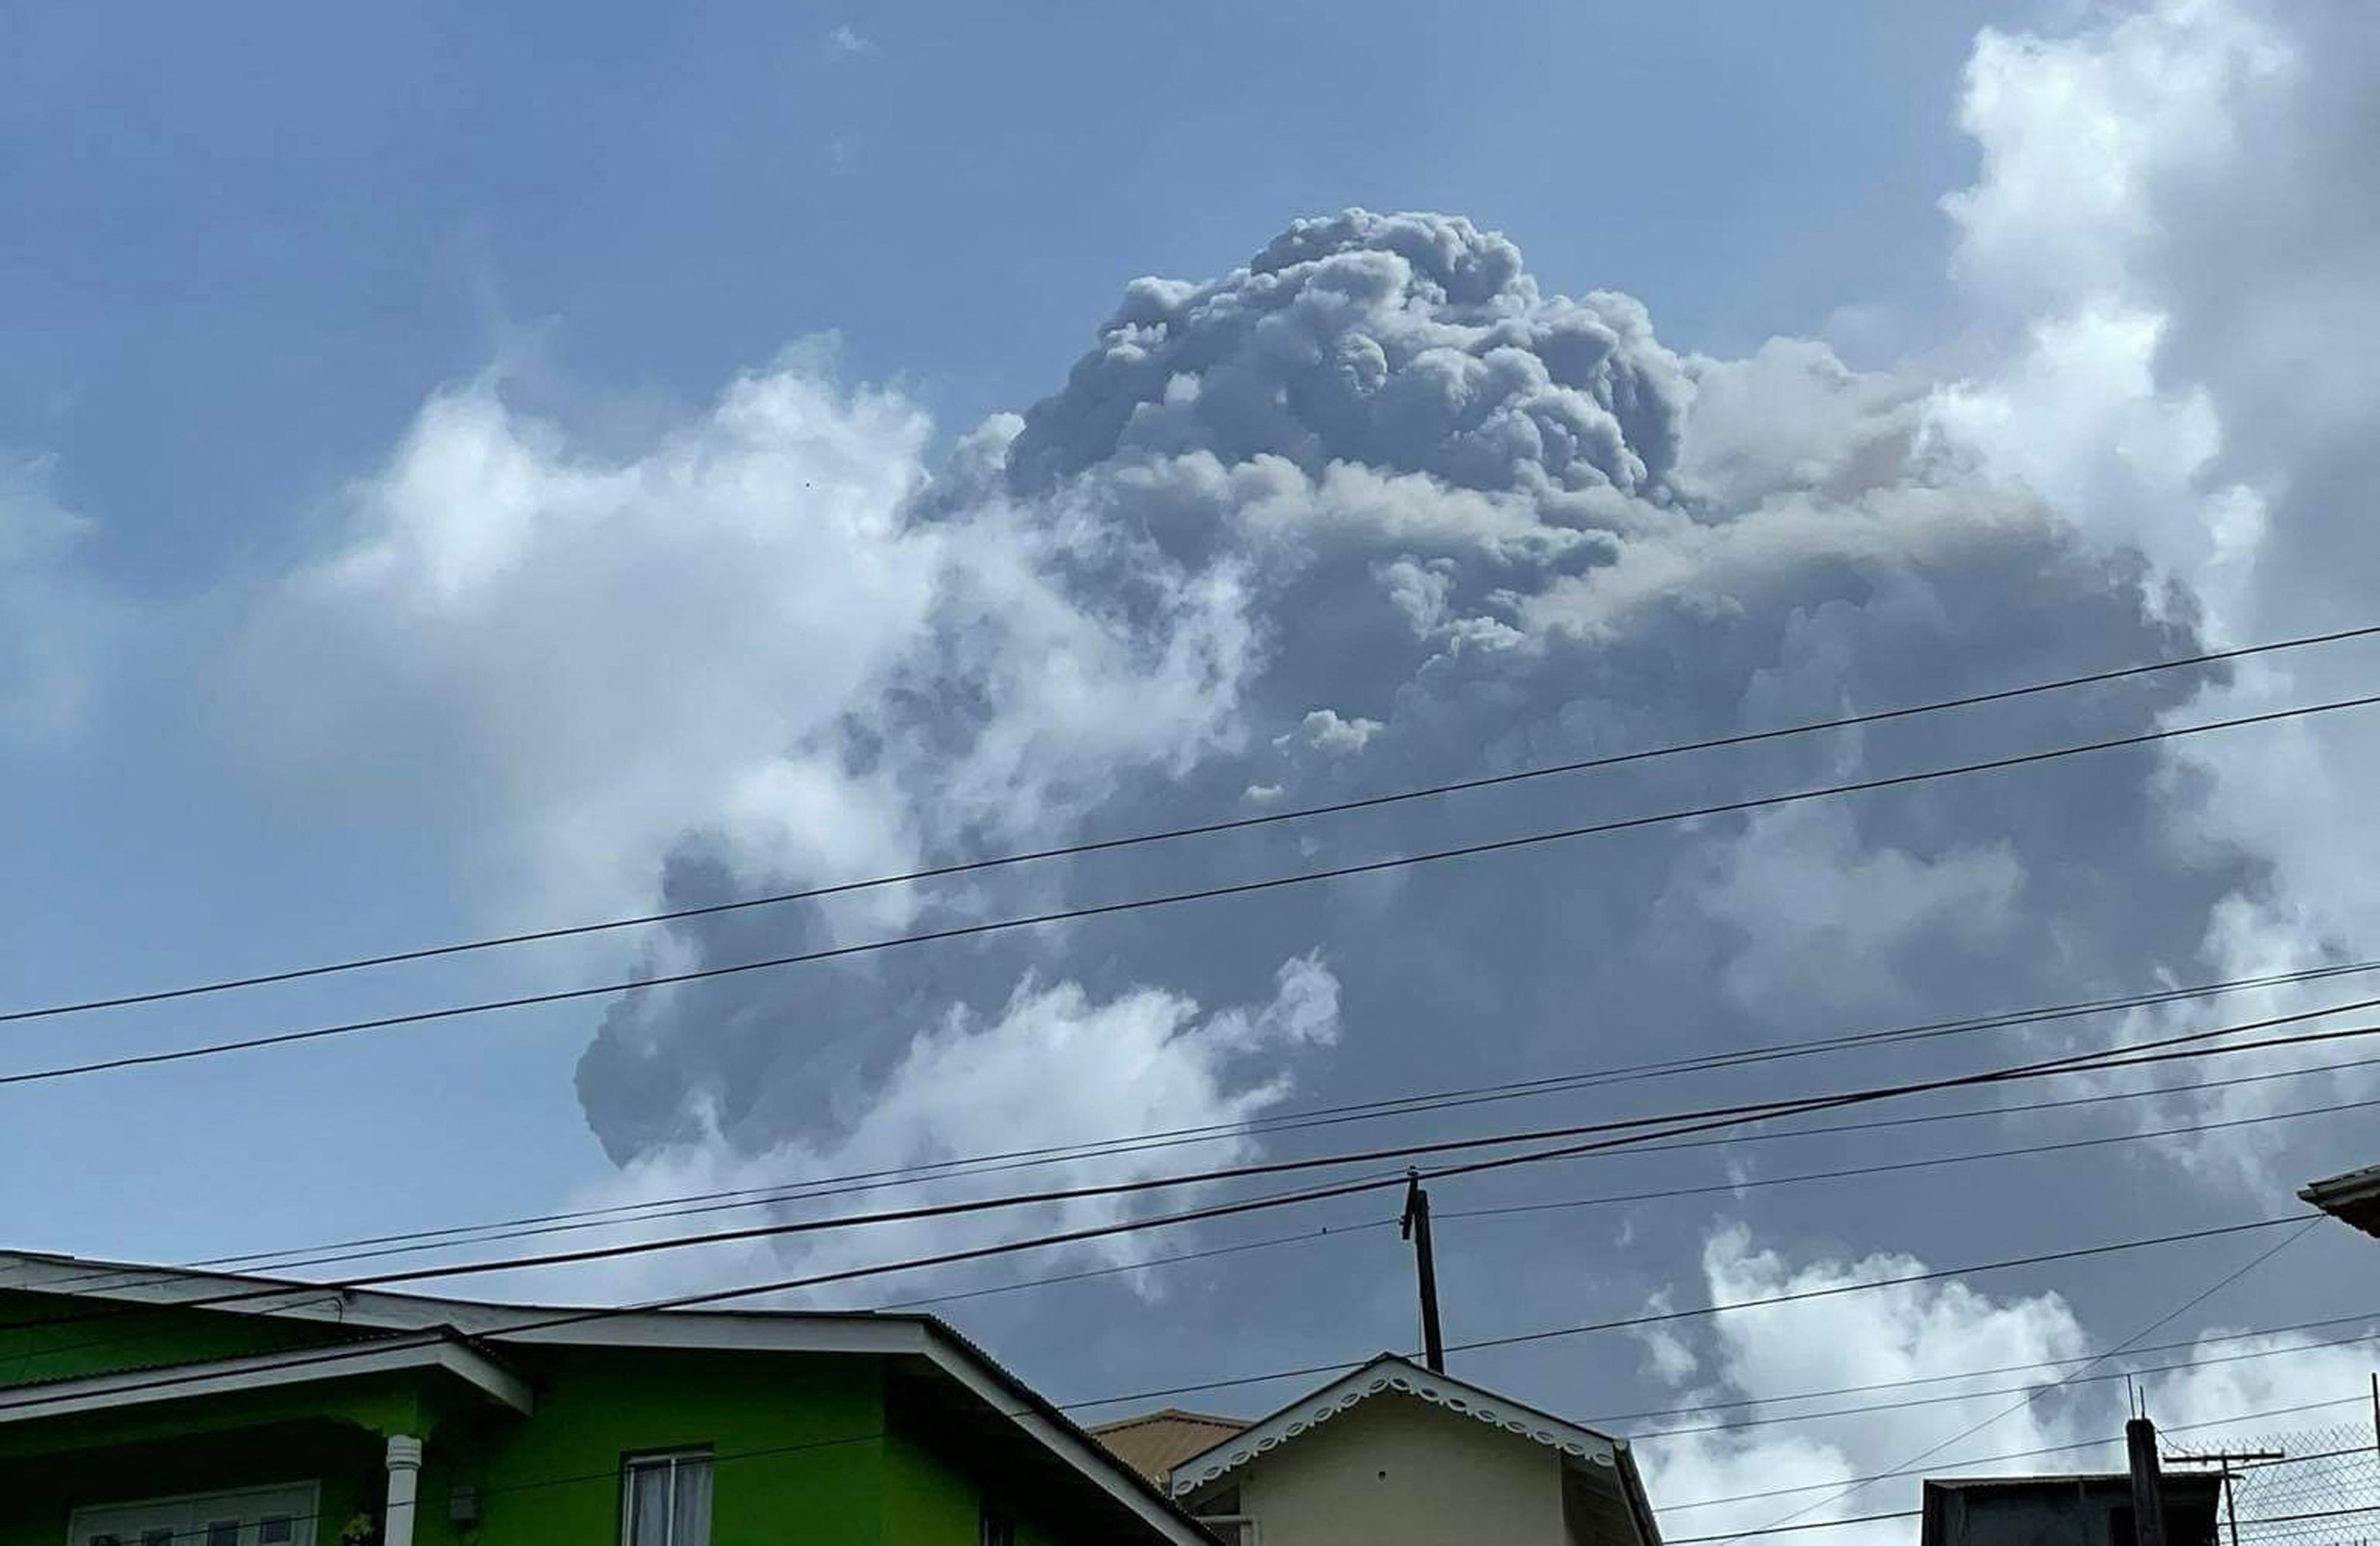 16 ezer embert kellett evakuálni, miután kitört a La Soufrière vulkán